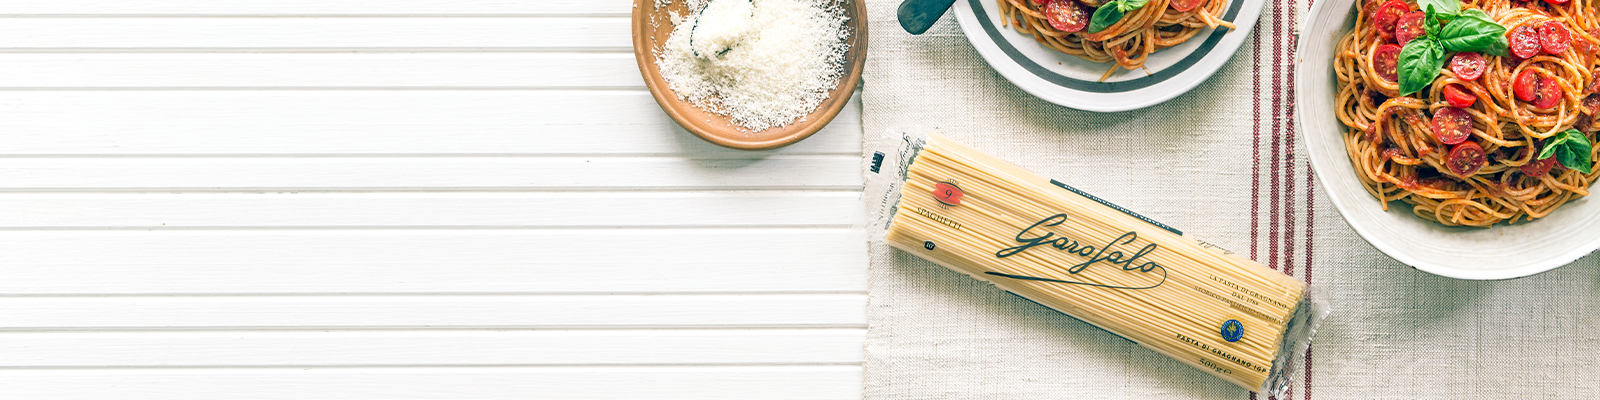 Pasta Garofalo - Durumvetepasta